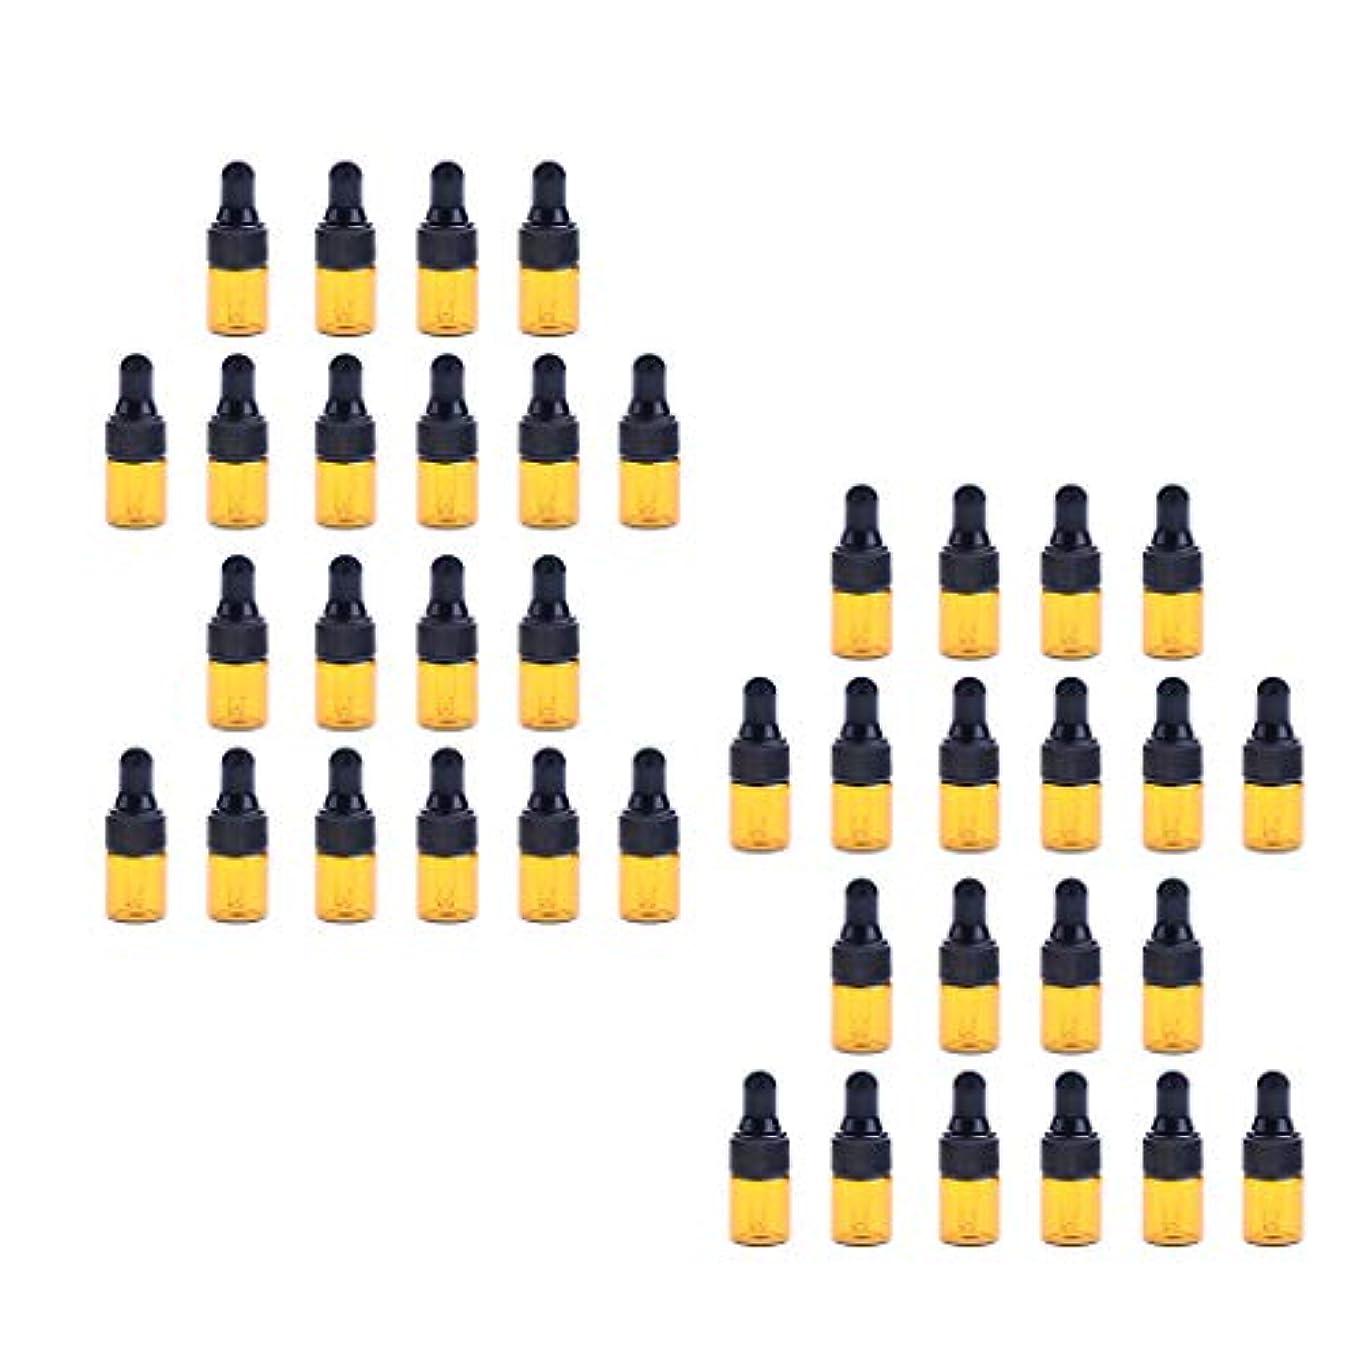 要塞専門なぞらえるchiwanji 40個入 ドロッパーボトル ガラス瓶 エッセンシャルオイル 精油 保存容器 詰め替え 小型 1ml /2ml